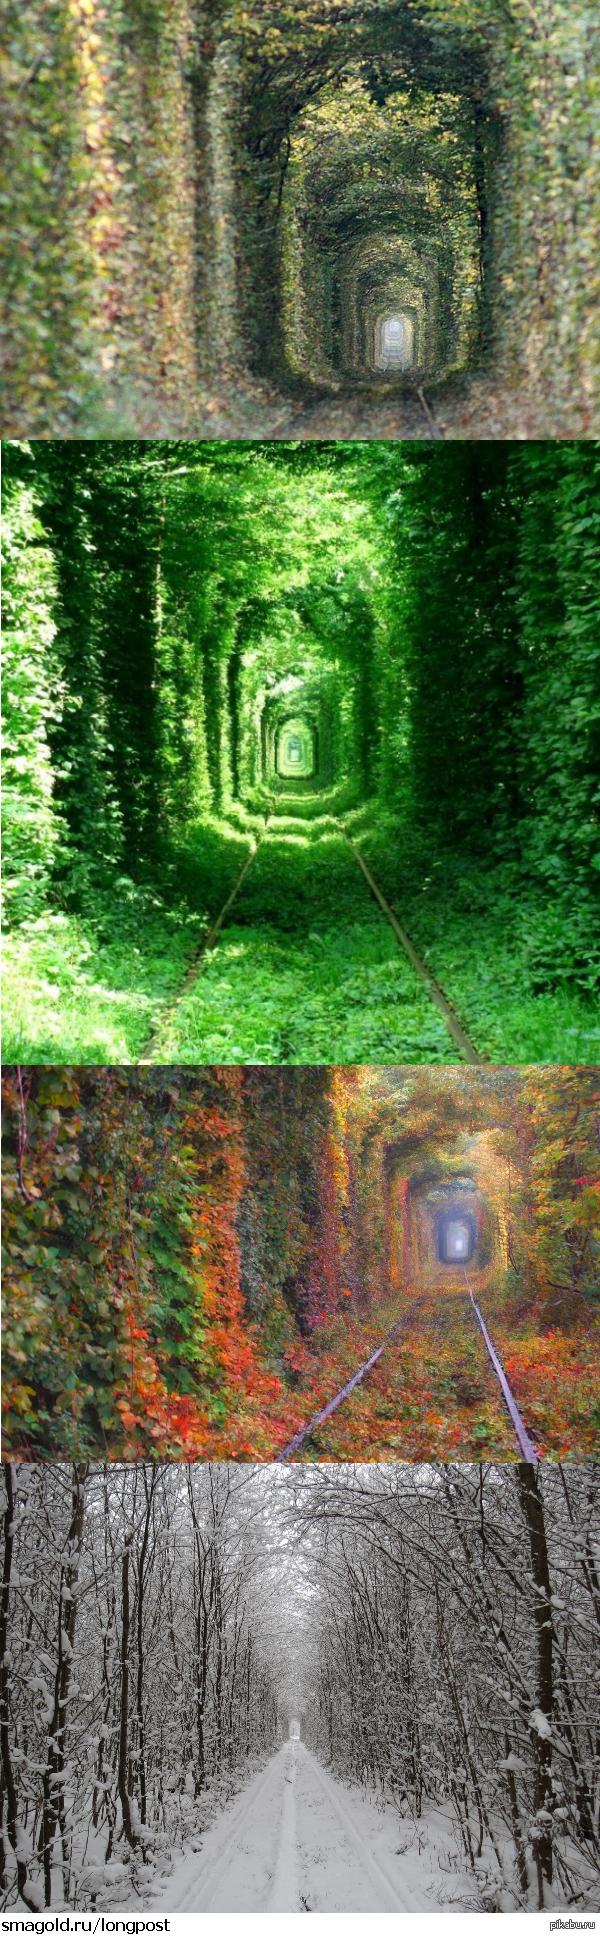 """в тему о тоннелях ответ на <a href=""""http://pikabu.ru/story/tonnel_2794495"""">http://pikabu.ru/story/_2794495</a>"""